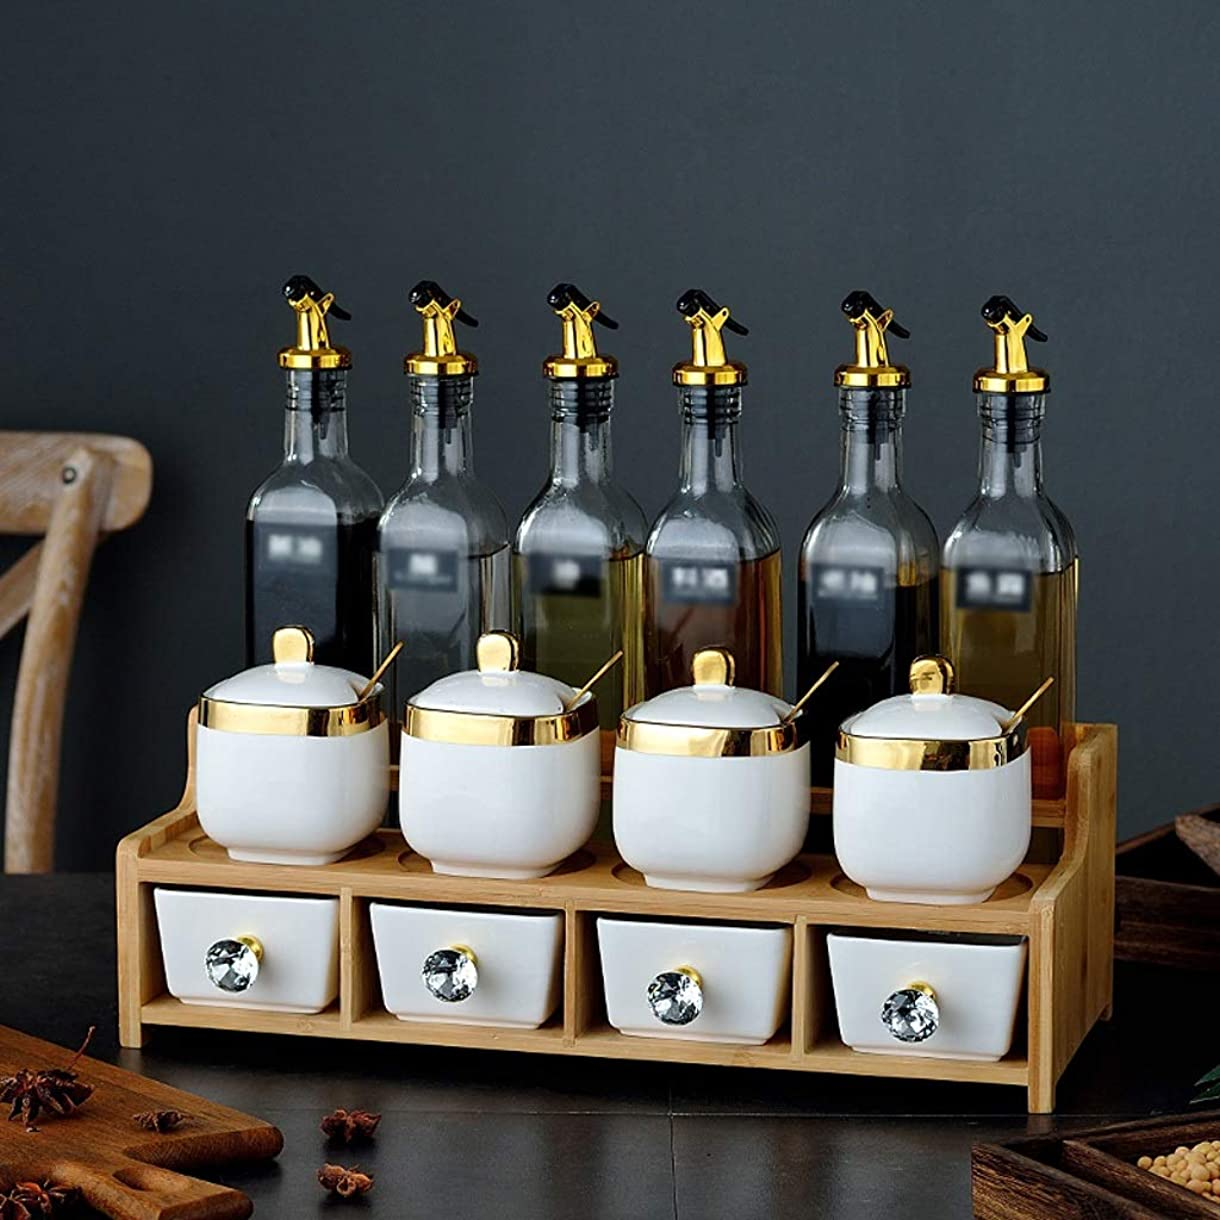 誤って不確実ポーズ香味料入れ 白磁調味料の瓶と二重層木製ホルダーにセットしガラスオイルボトル、スパイス調味醤油のための蓋とスプーンを持つコンテナ、14ピースセット スパイスオーガナイザー (Color : B)